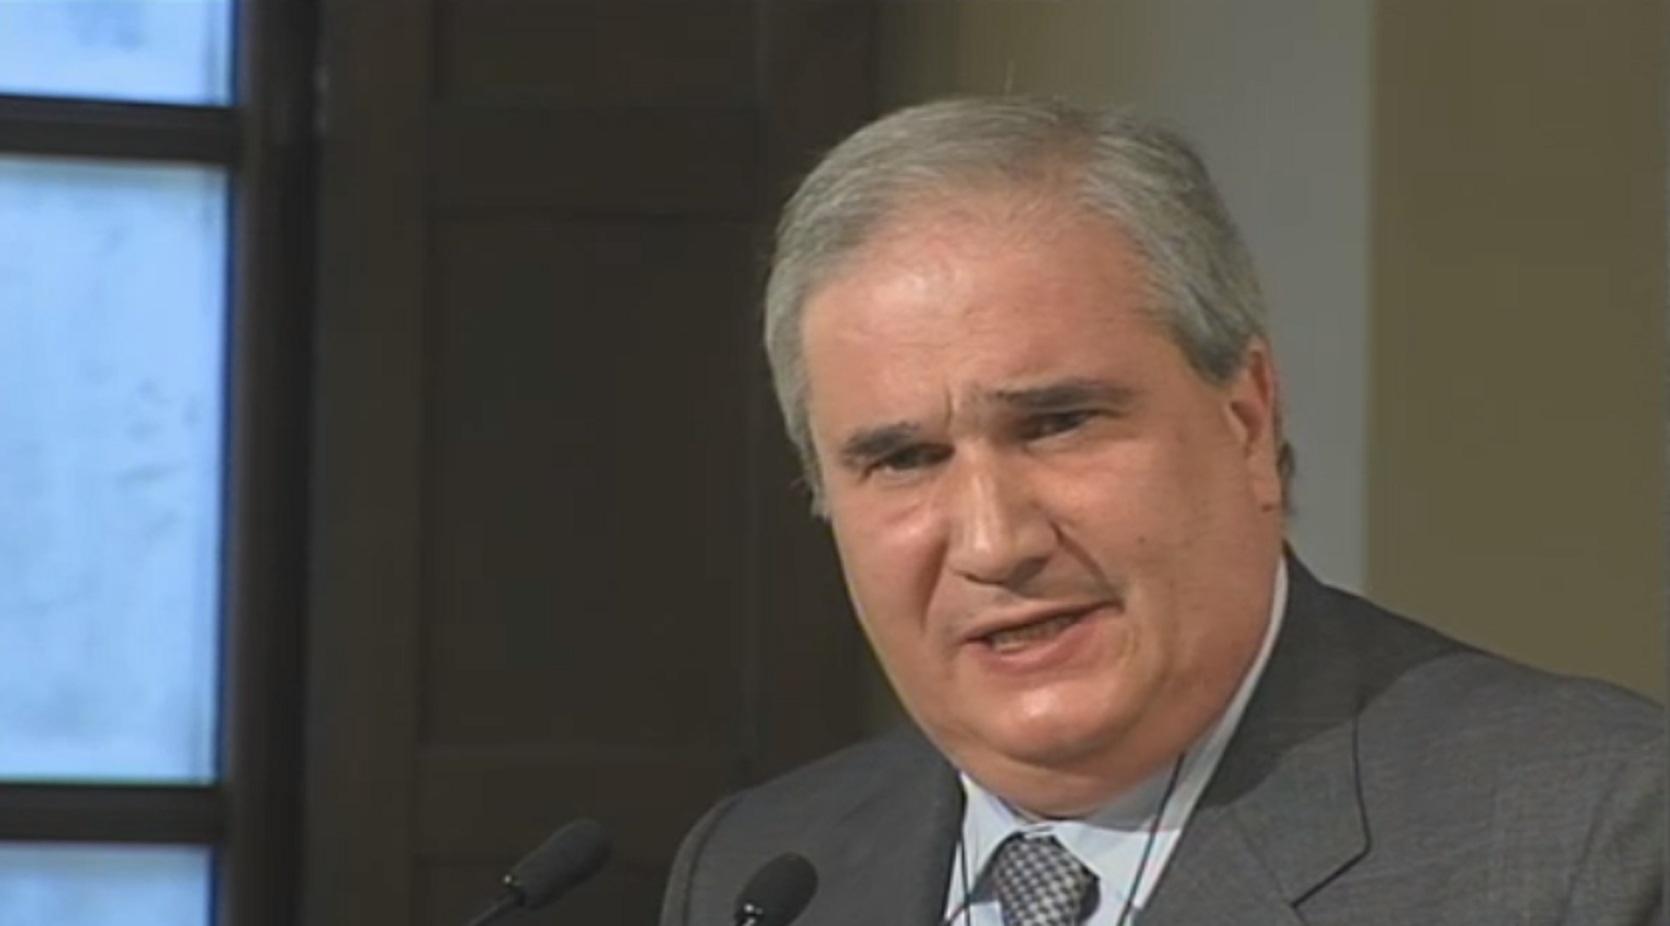 La nota: Viterbo, Festa democratica,  Fioroni vuole rifondare la Dc con il Pd , ma la direzione è sbagliata